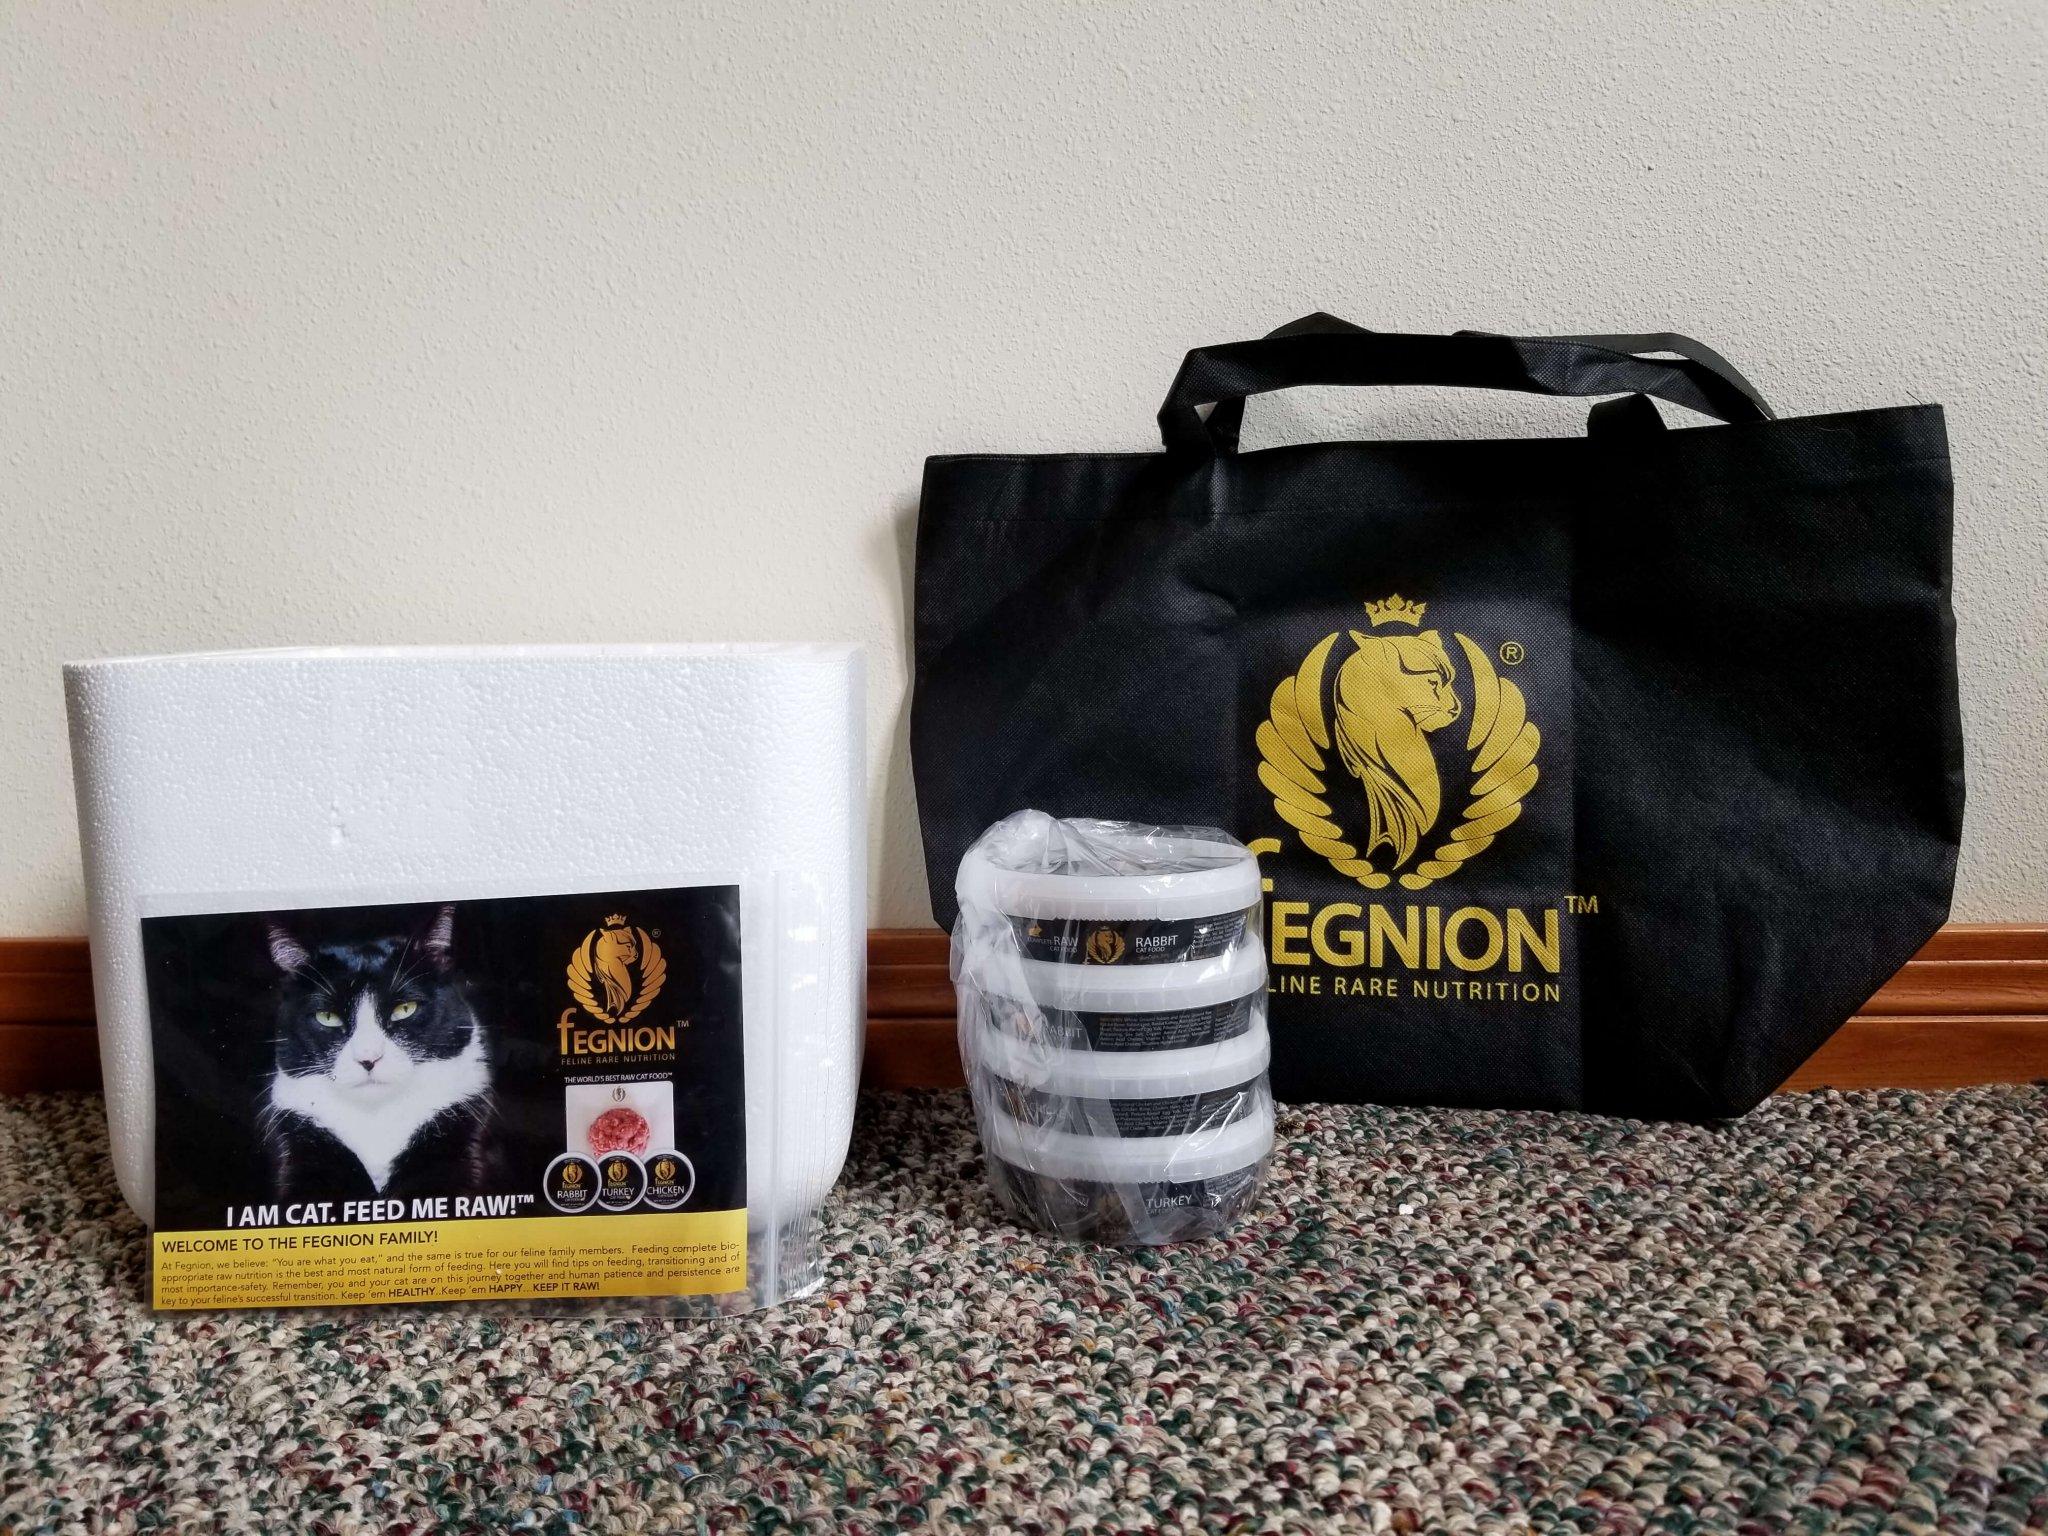 Fegnion Raw Cat Food Box